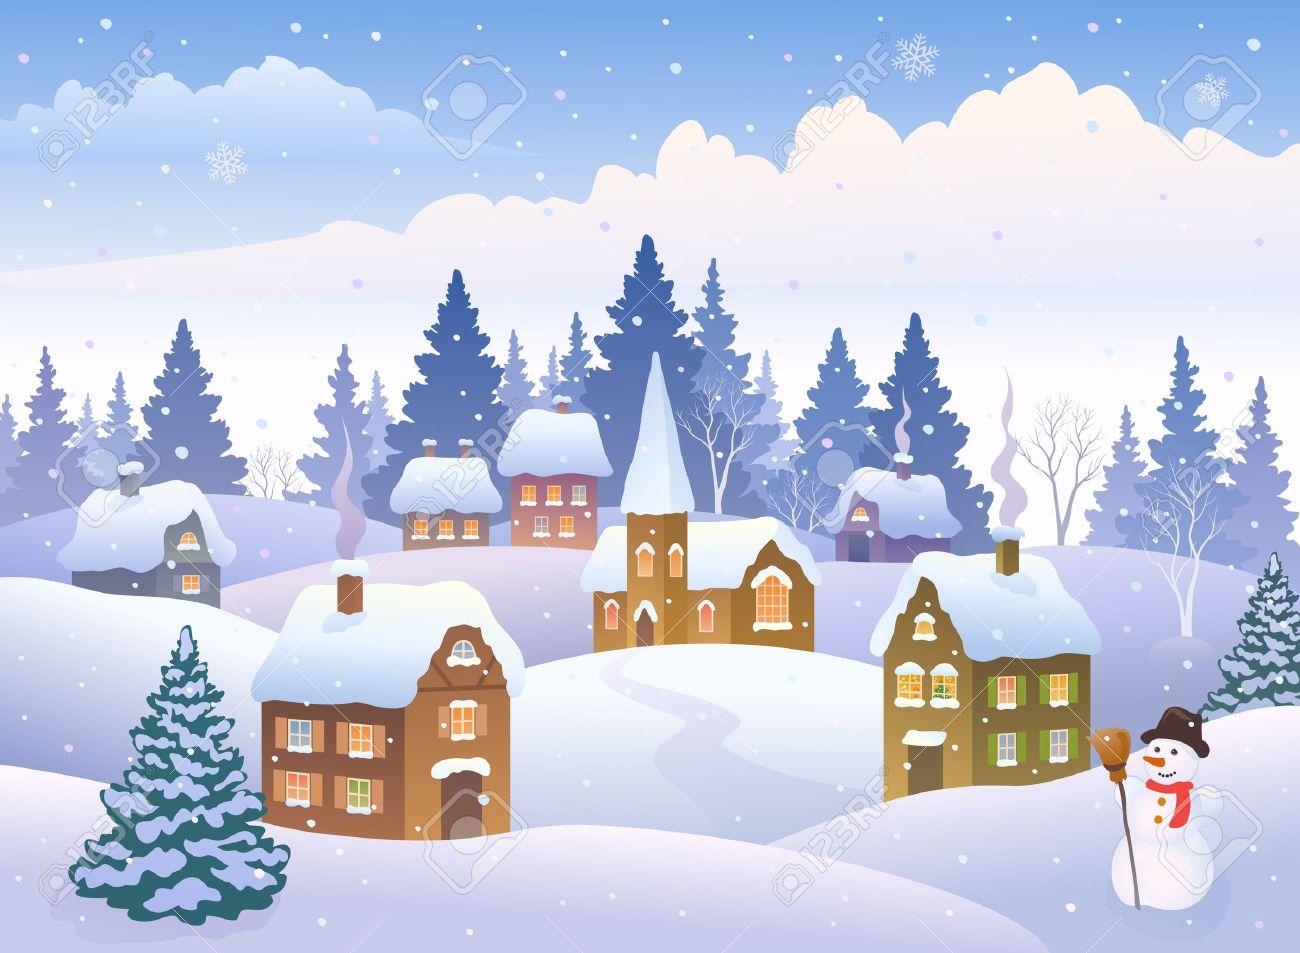 雪だるまの小さな雪の町の冬の風景のベクトル イラストのイラスト素材